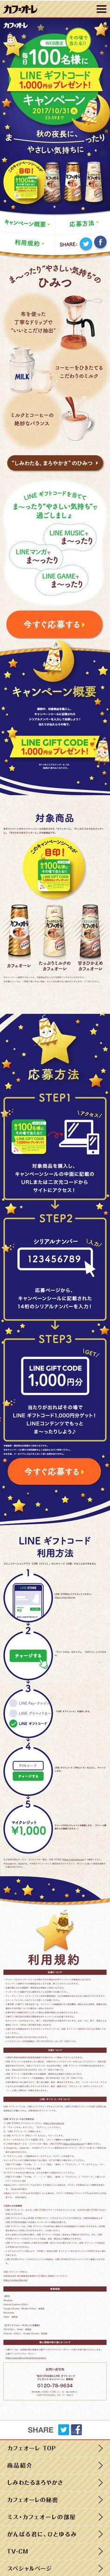 江崎グリコ株式会社様の「LINEギフトコード1,000円分プレゼントキャンペーン」のランディングページ(LP)かわいい系|サービス・保険・金融 Webpage Layout, Create Website, Mobile Design, Smartphone, Campaign, Web Design, Graphics, Japan, Design Web